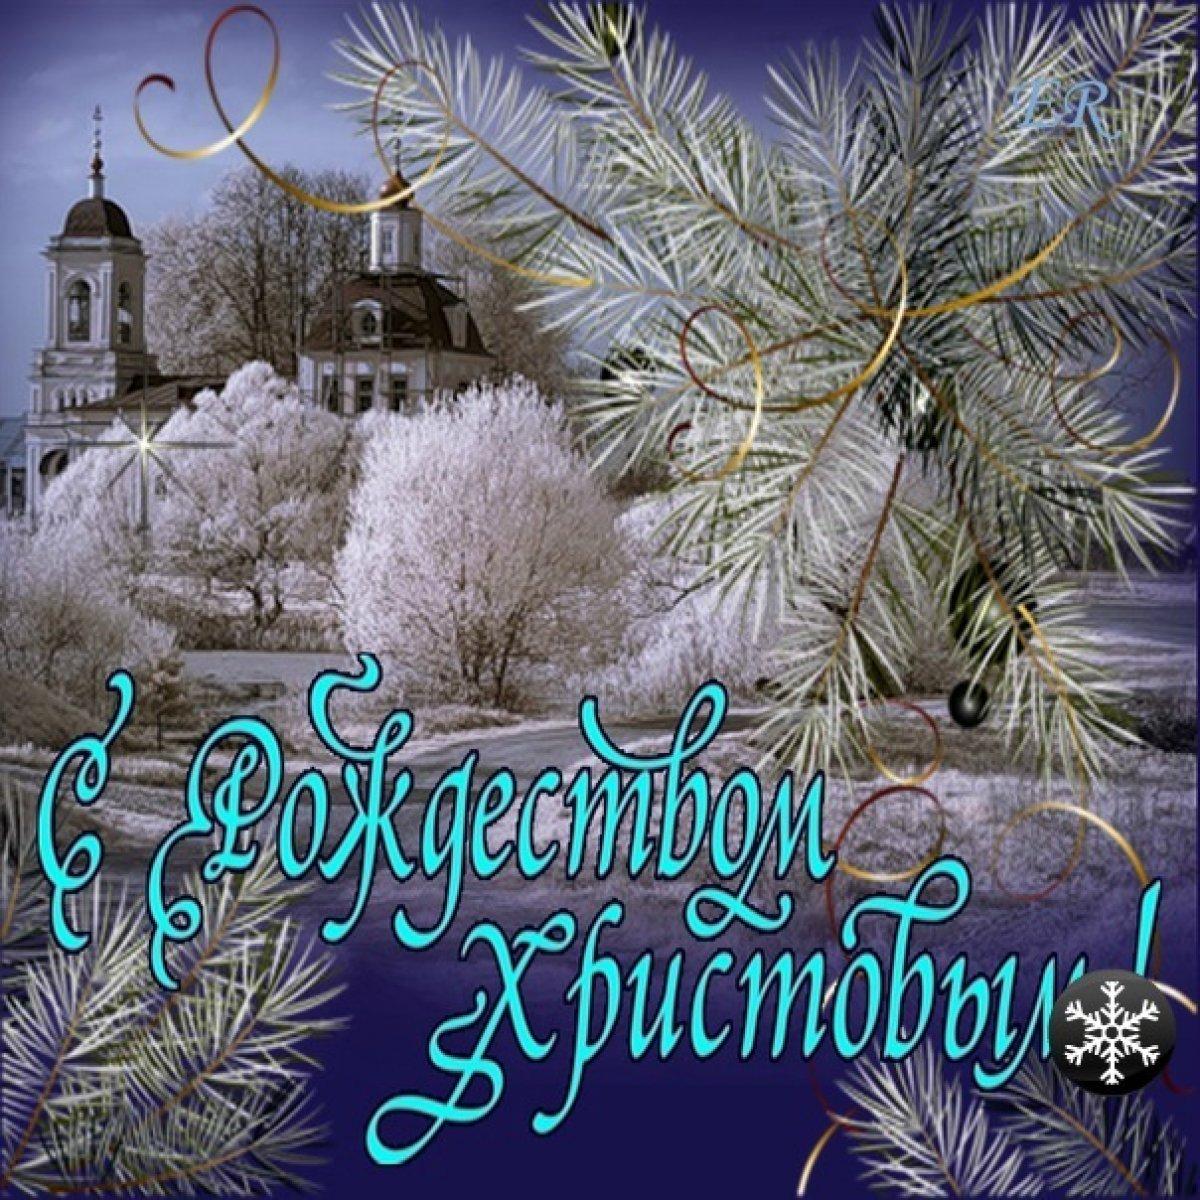 Картинки алкогольные, самые красивые открытки рождества христова